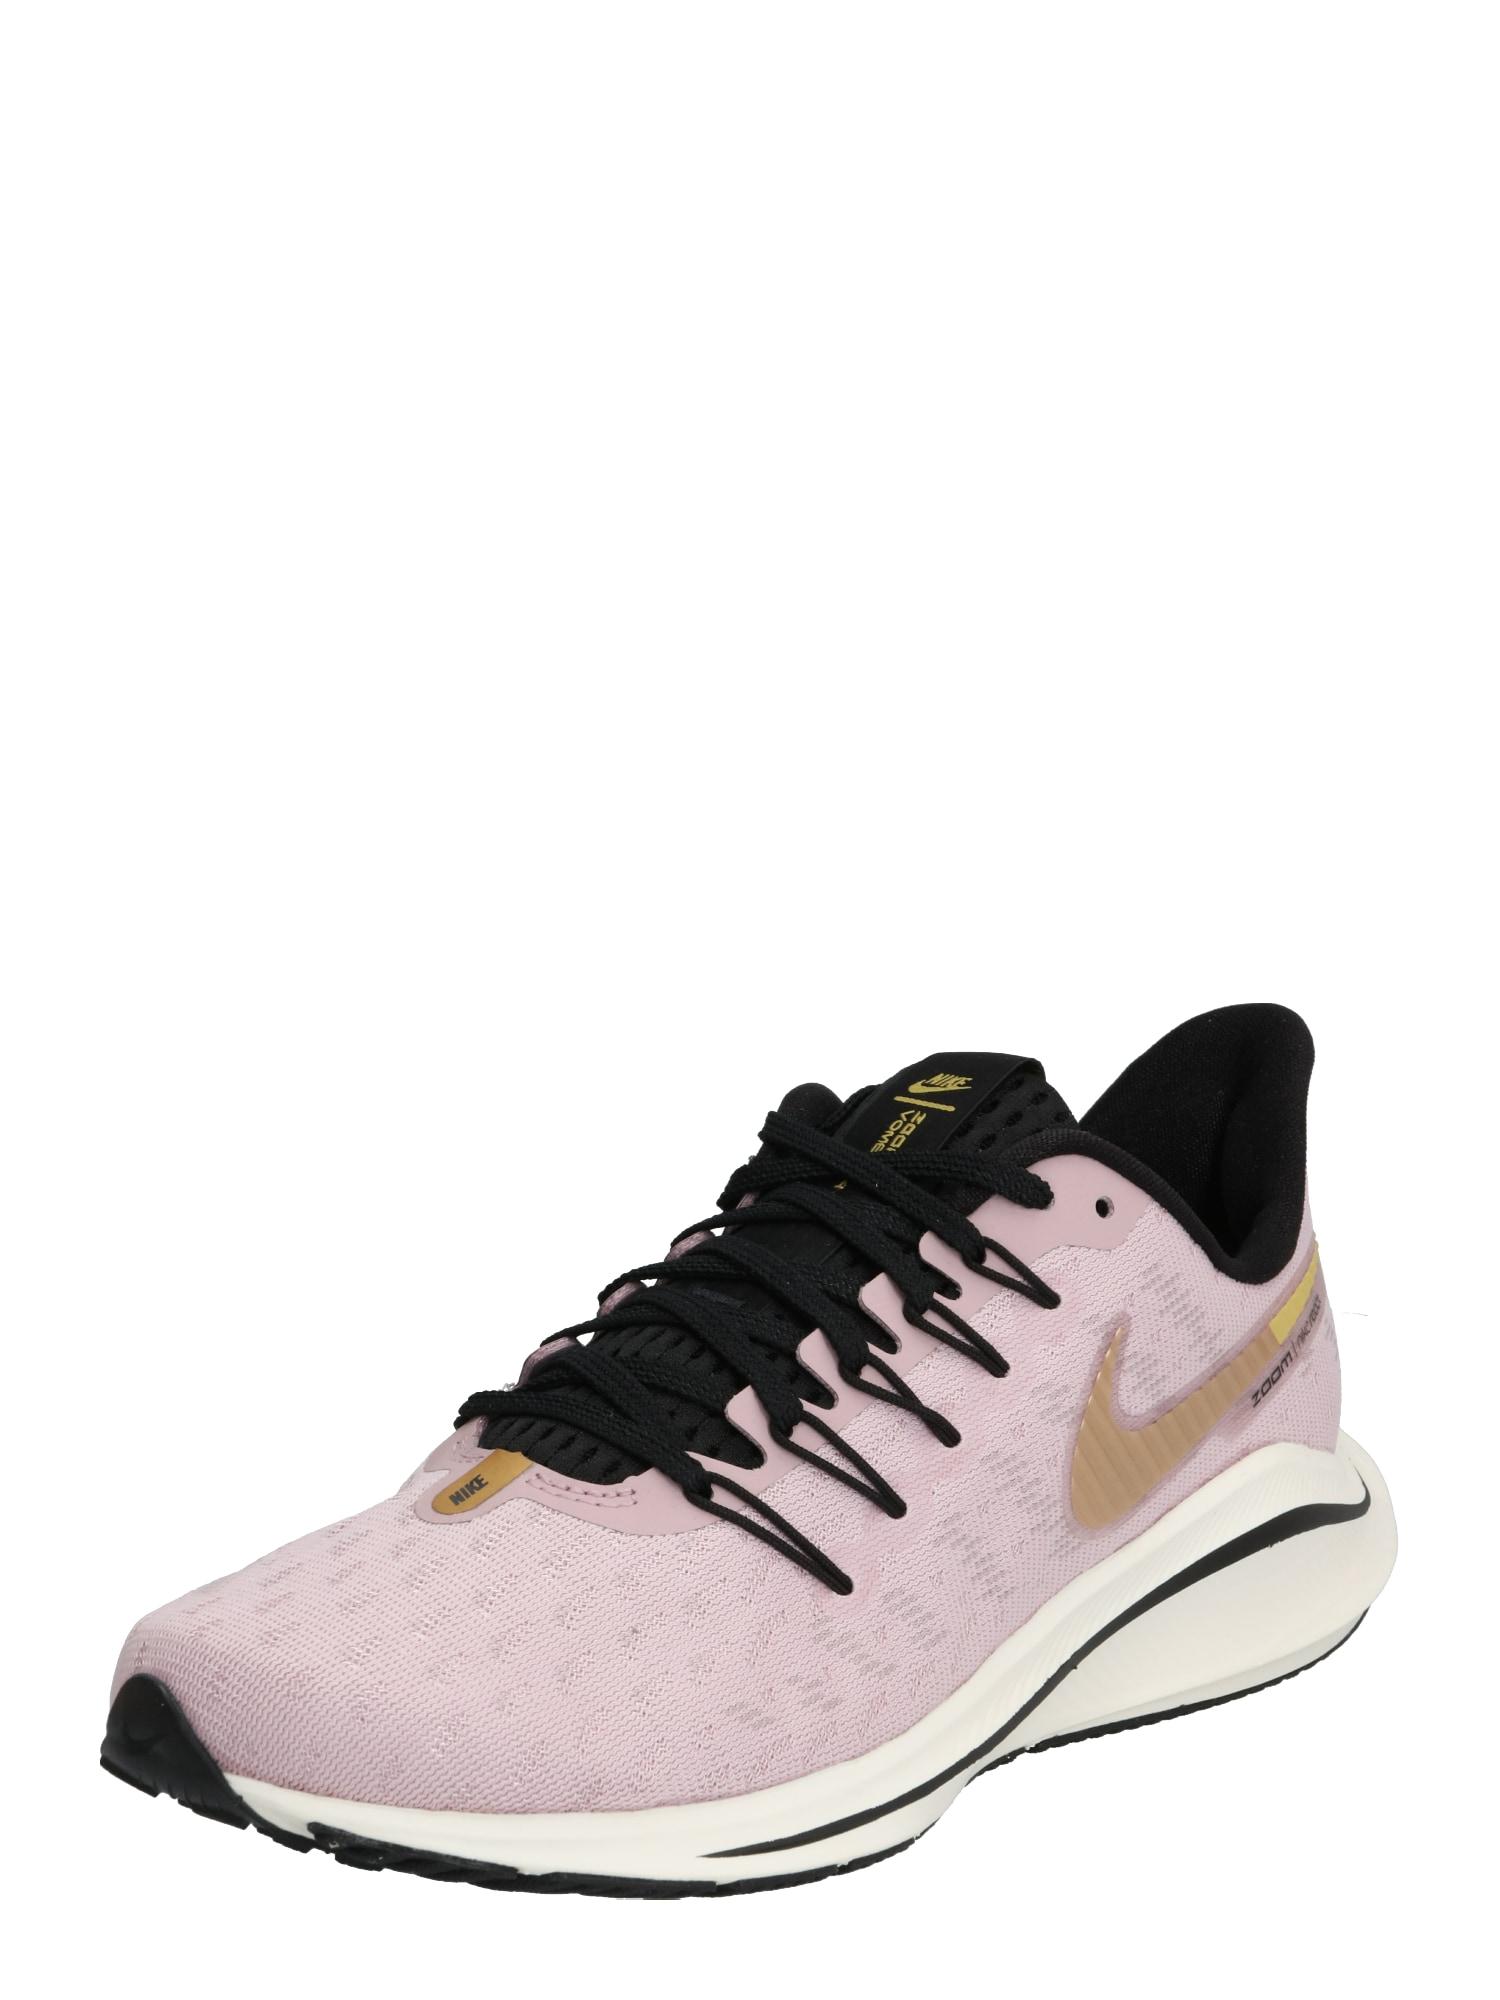 NIKE Bėgimo batai 'Air Zoom Vomero 14' auksas / rožių spalva